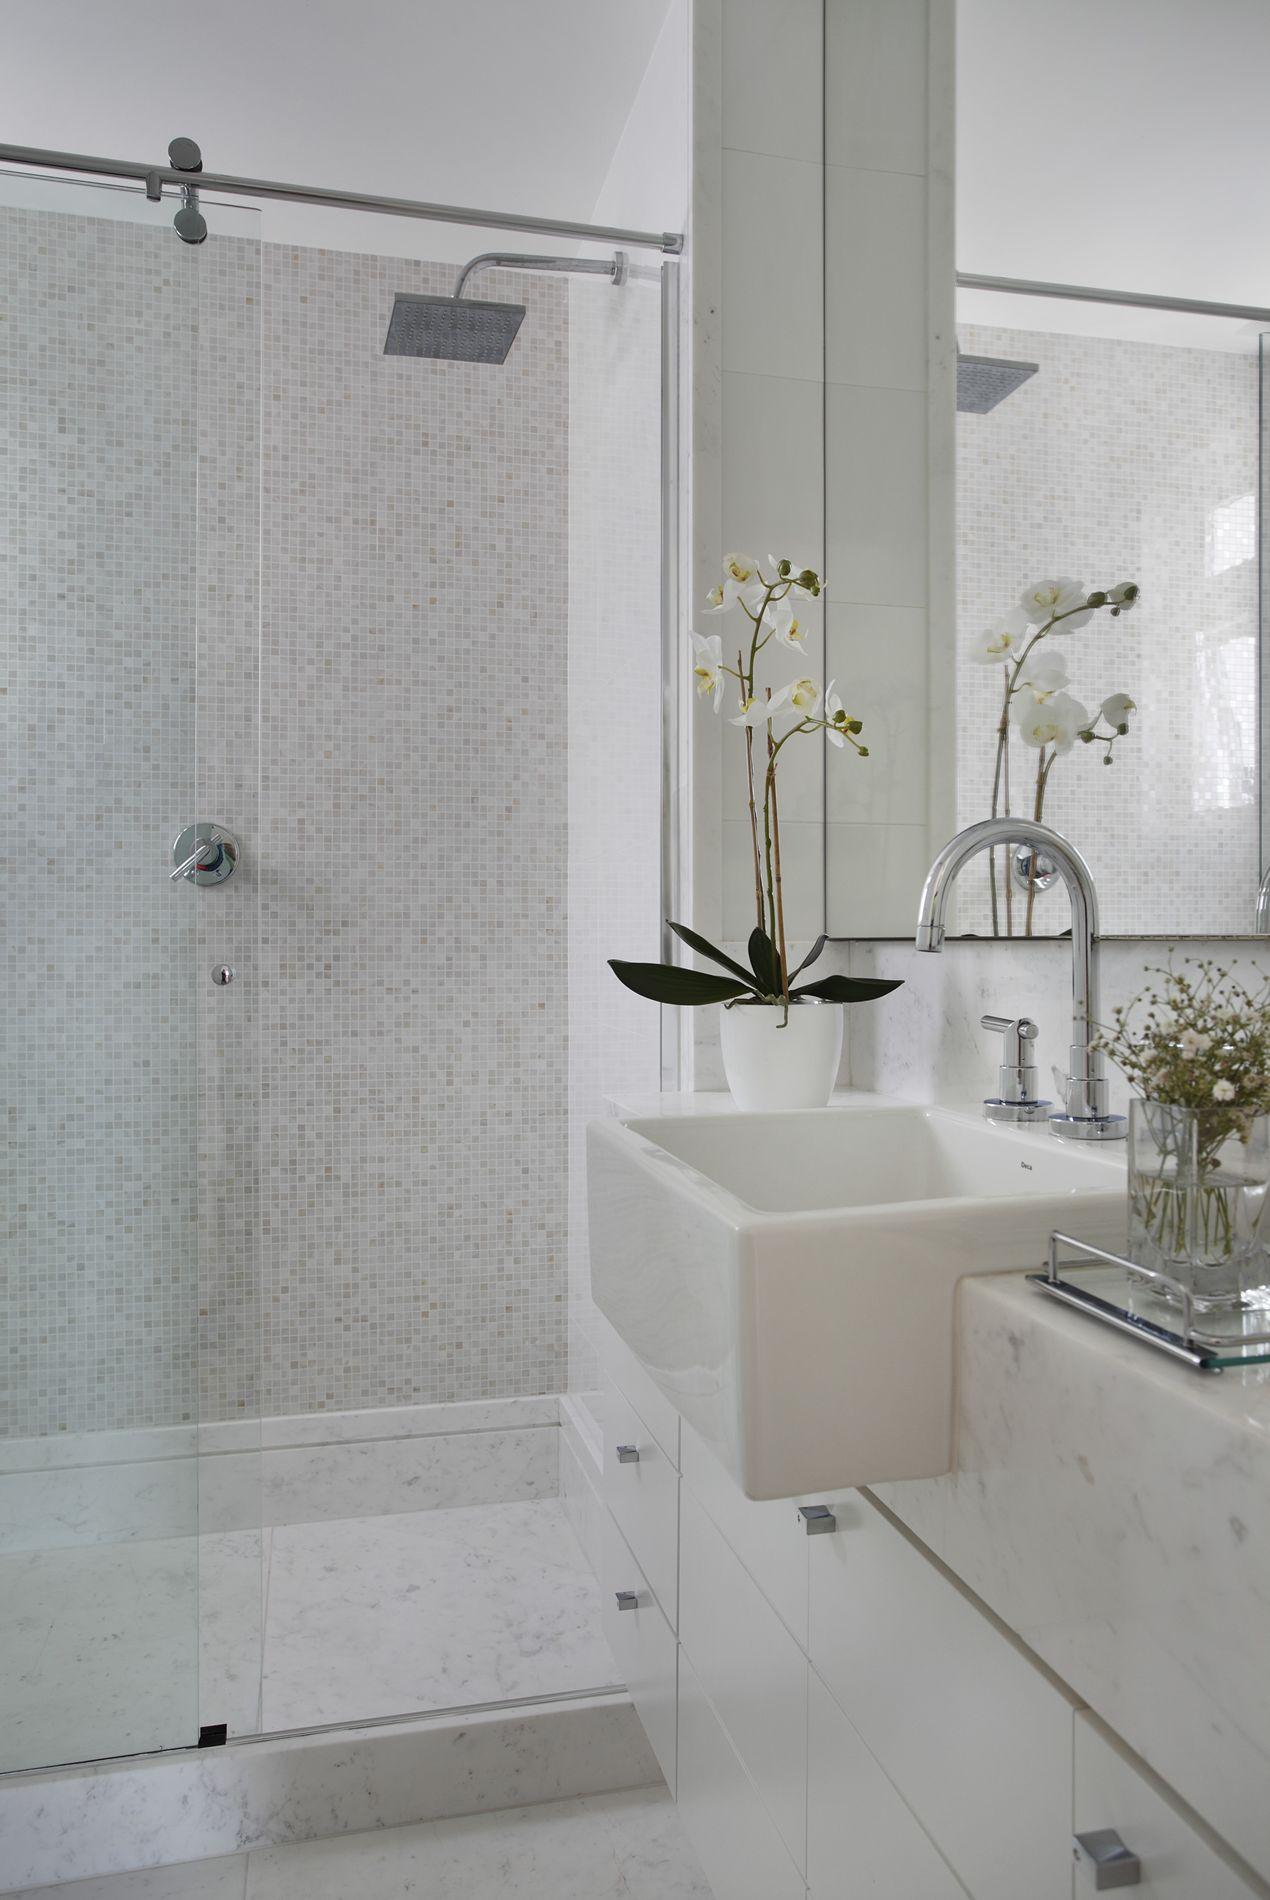 Banheiros  Bianca da Hora  Arquitetura e Interiores -> Arquitetura De Banheiro Com Banheira